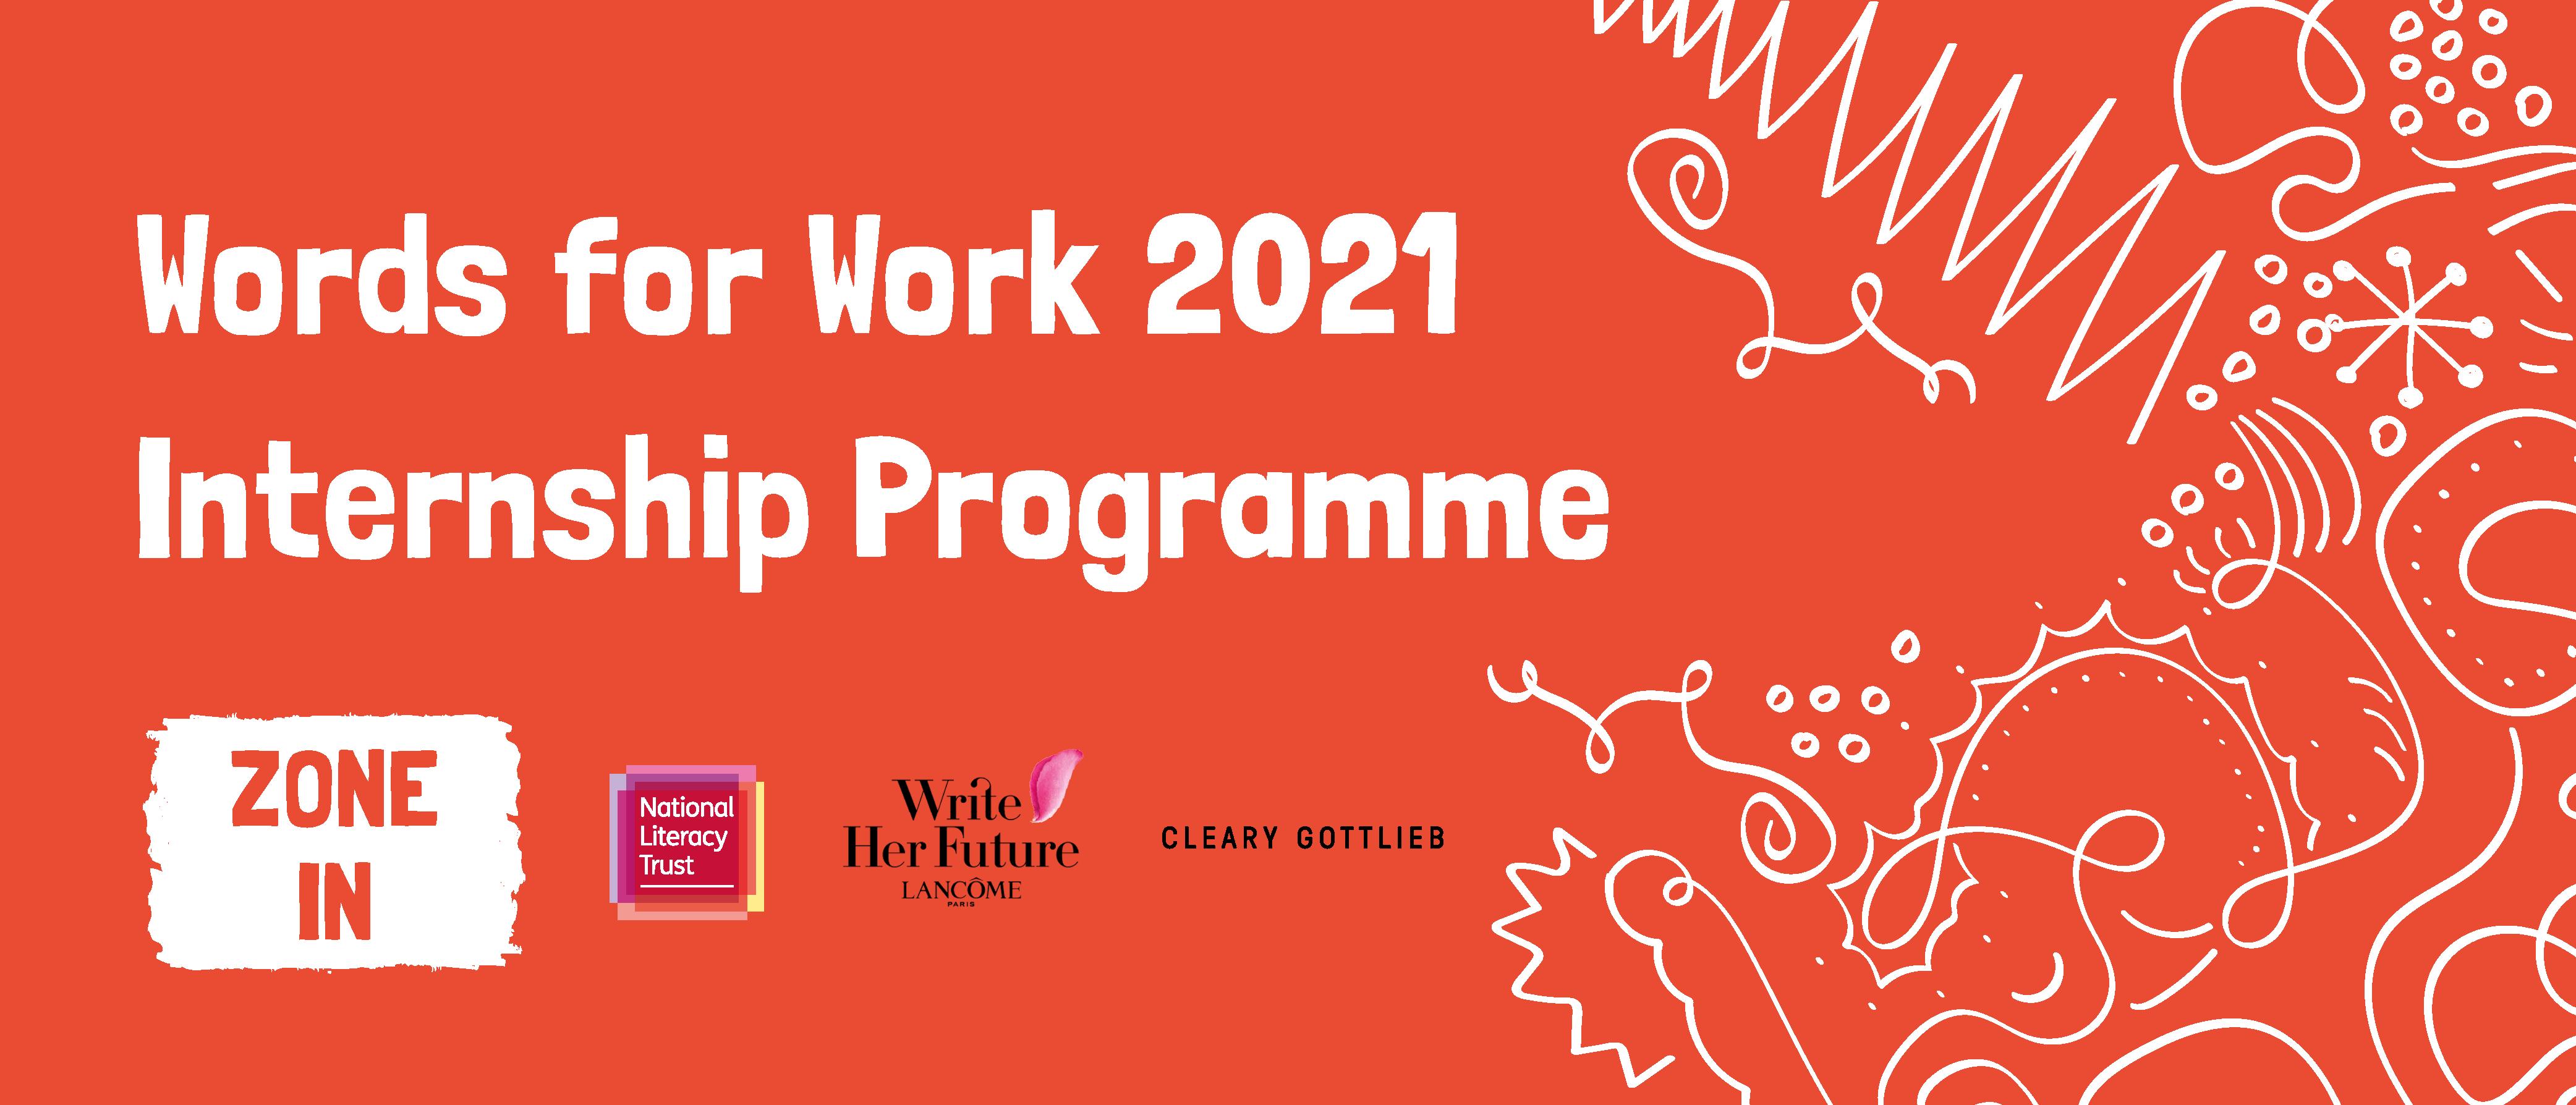 Words-for-work-internship-banner.png